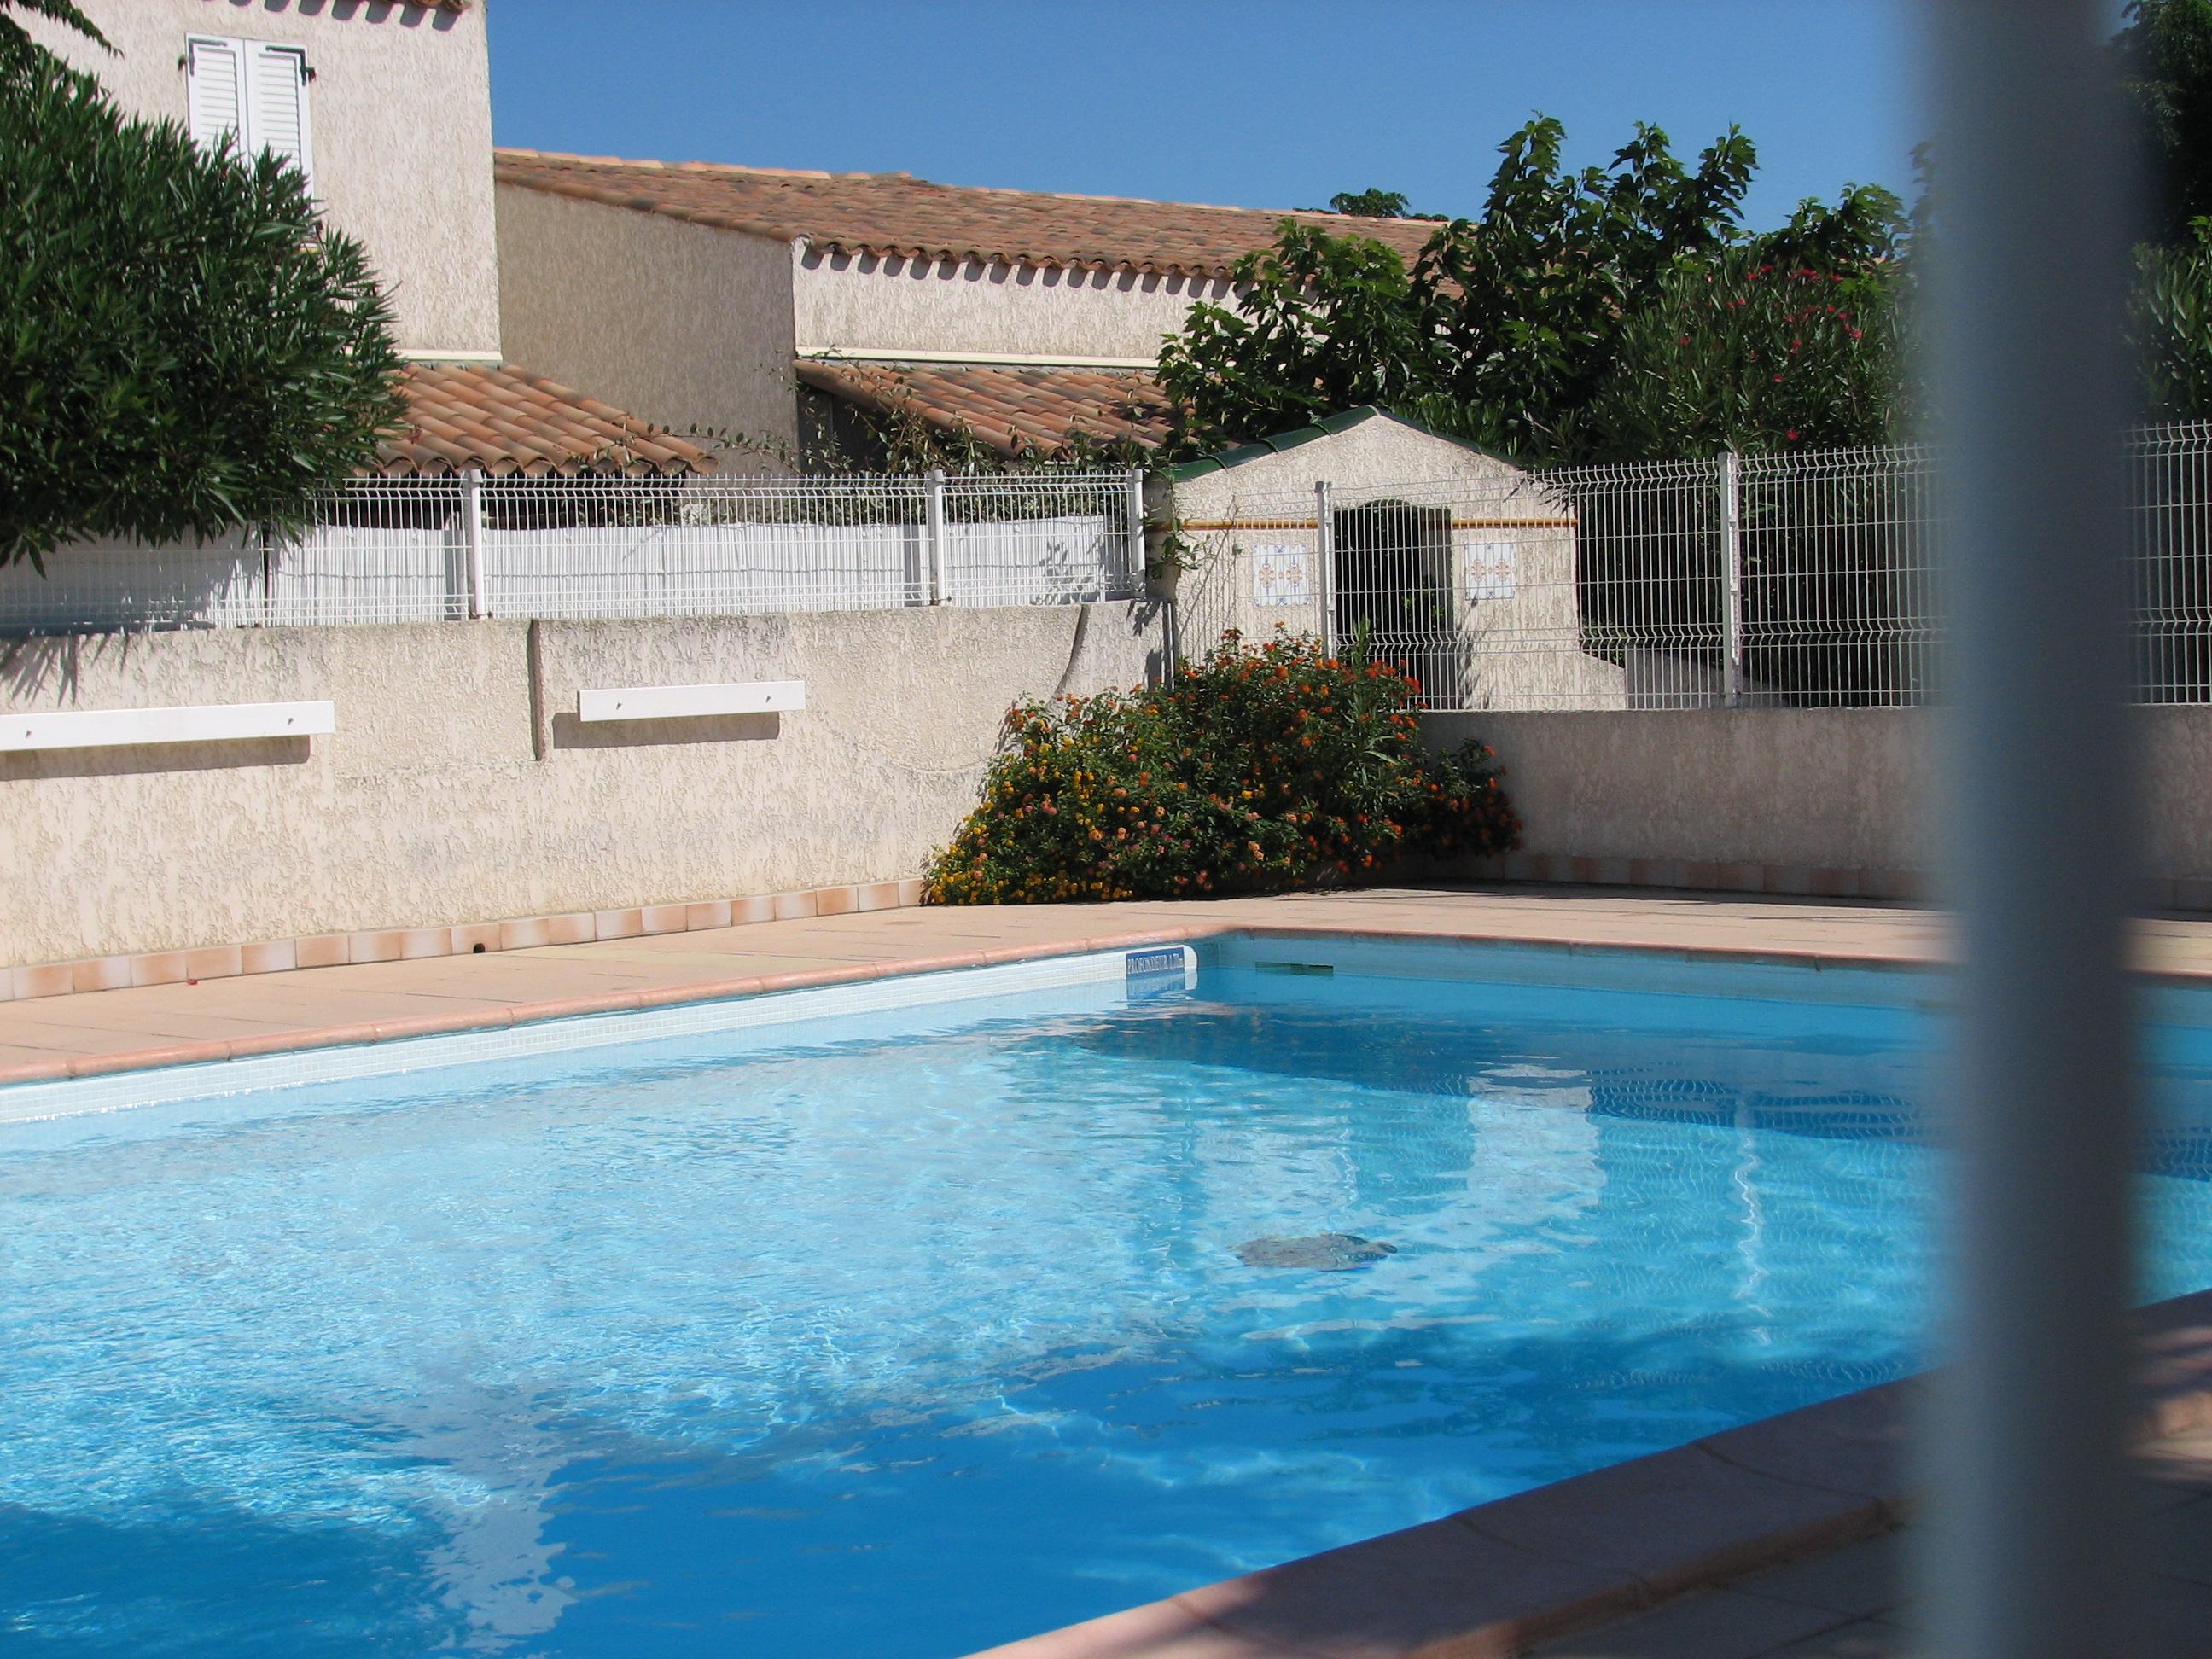 Maison villa cap d 39 agde rochelongue bienvenue sur le for Piscine agde tarif